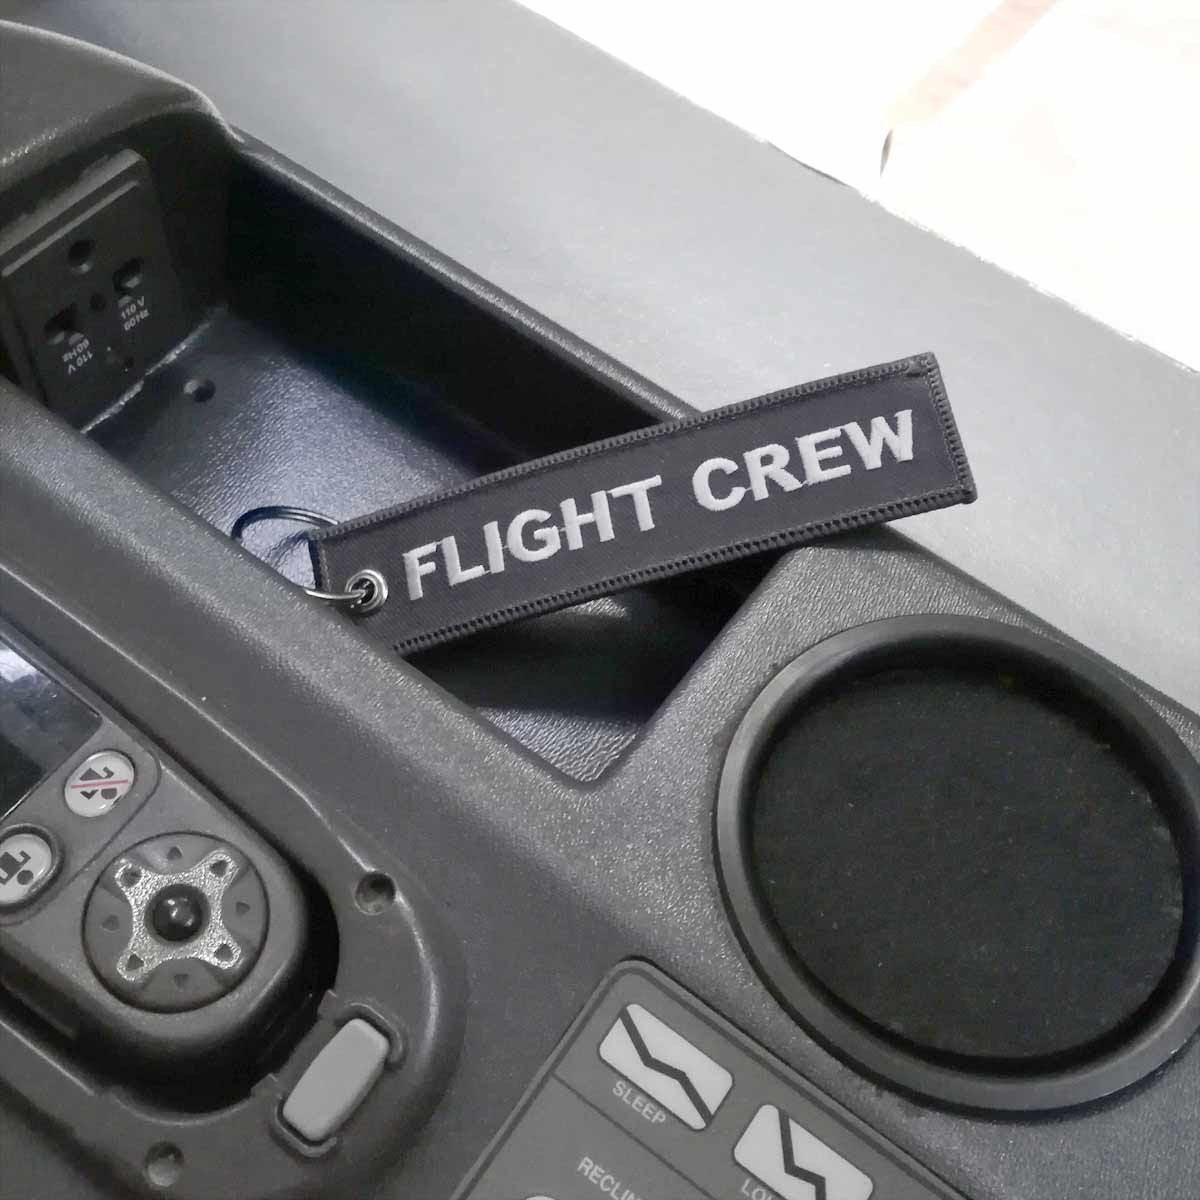 Flight Crew Schlüsselanhänger im Flugzeug